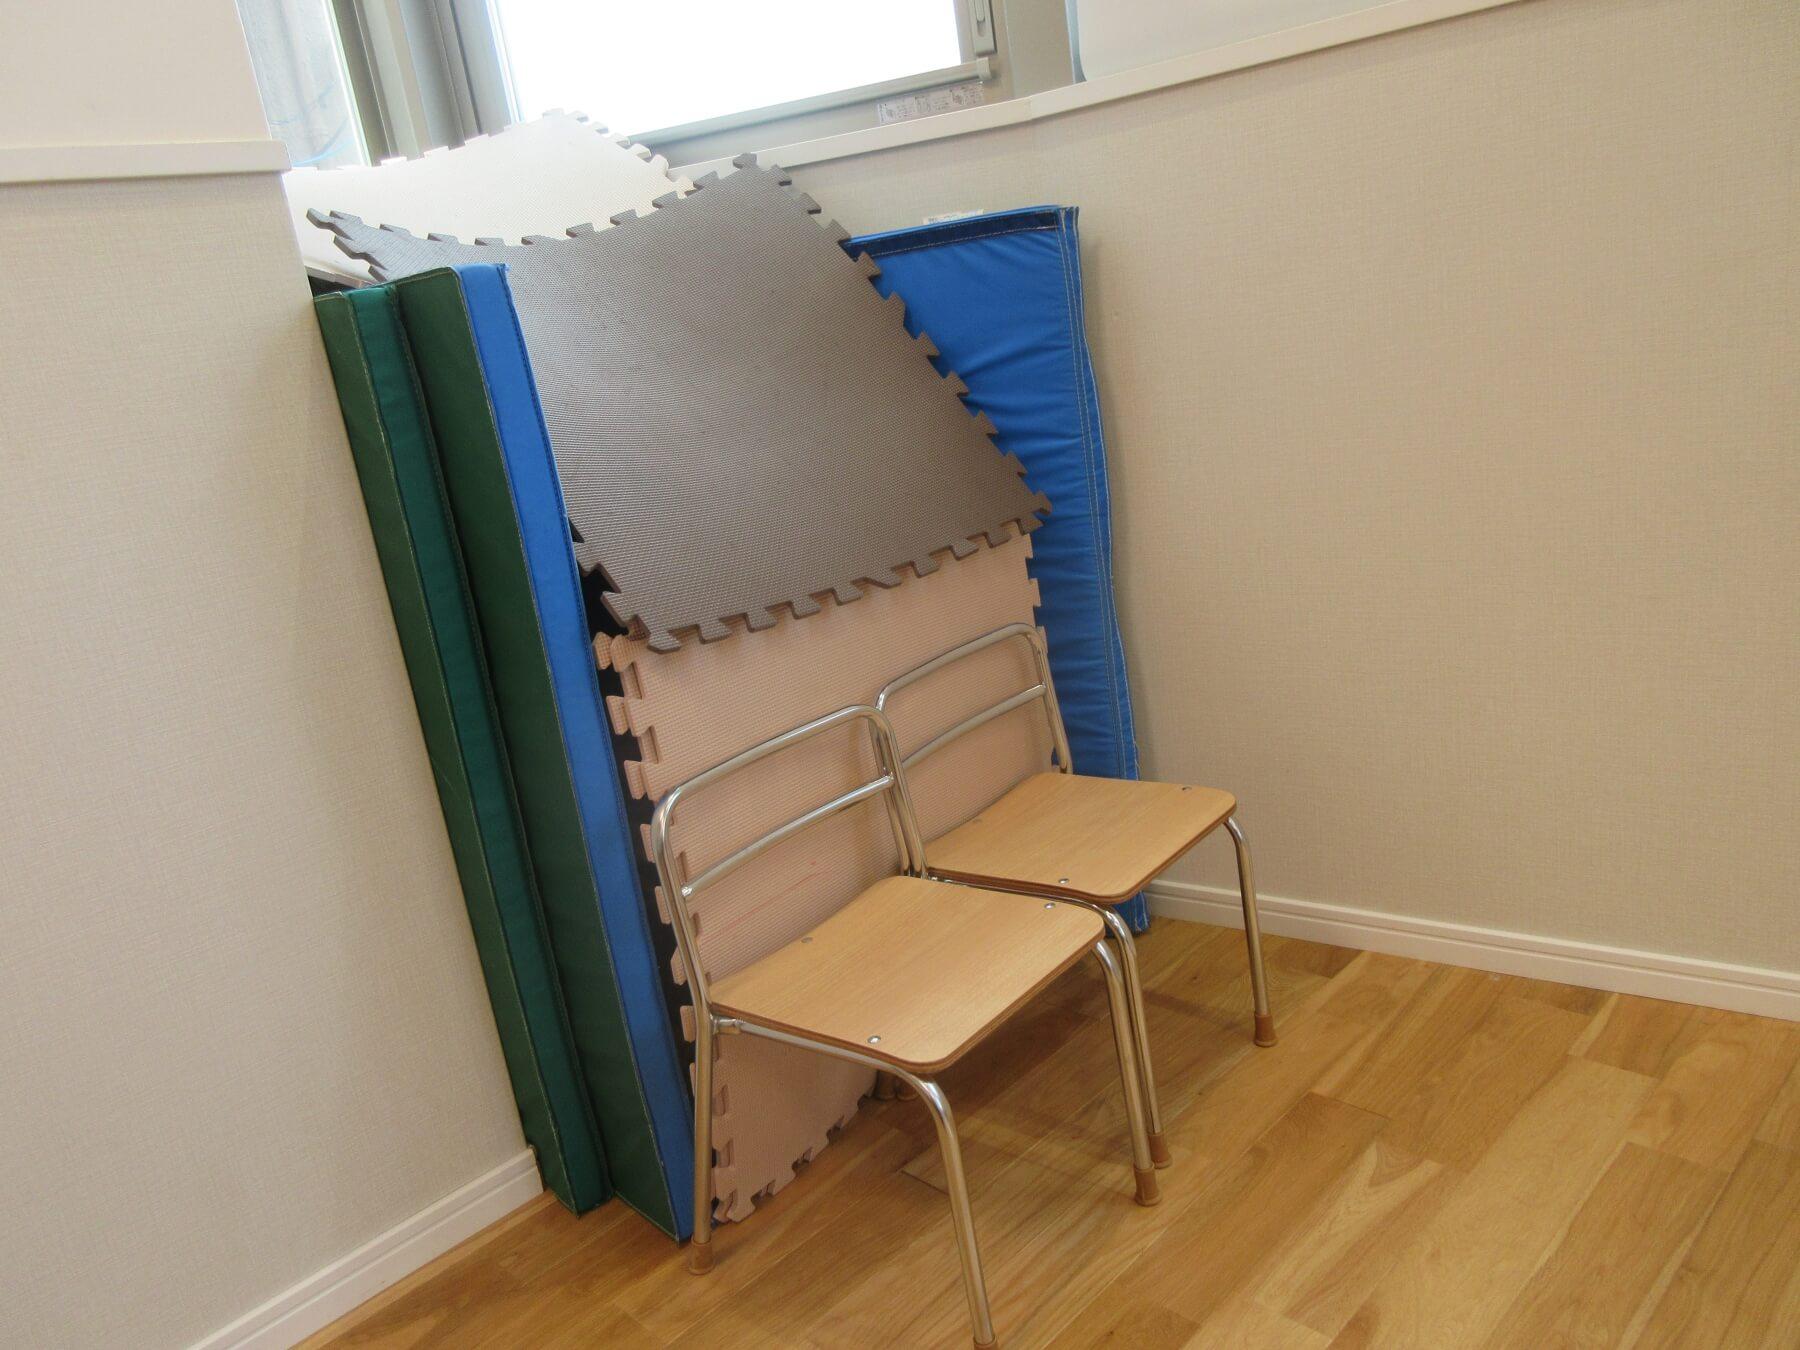 マットや椅子で囲った秘密基地